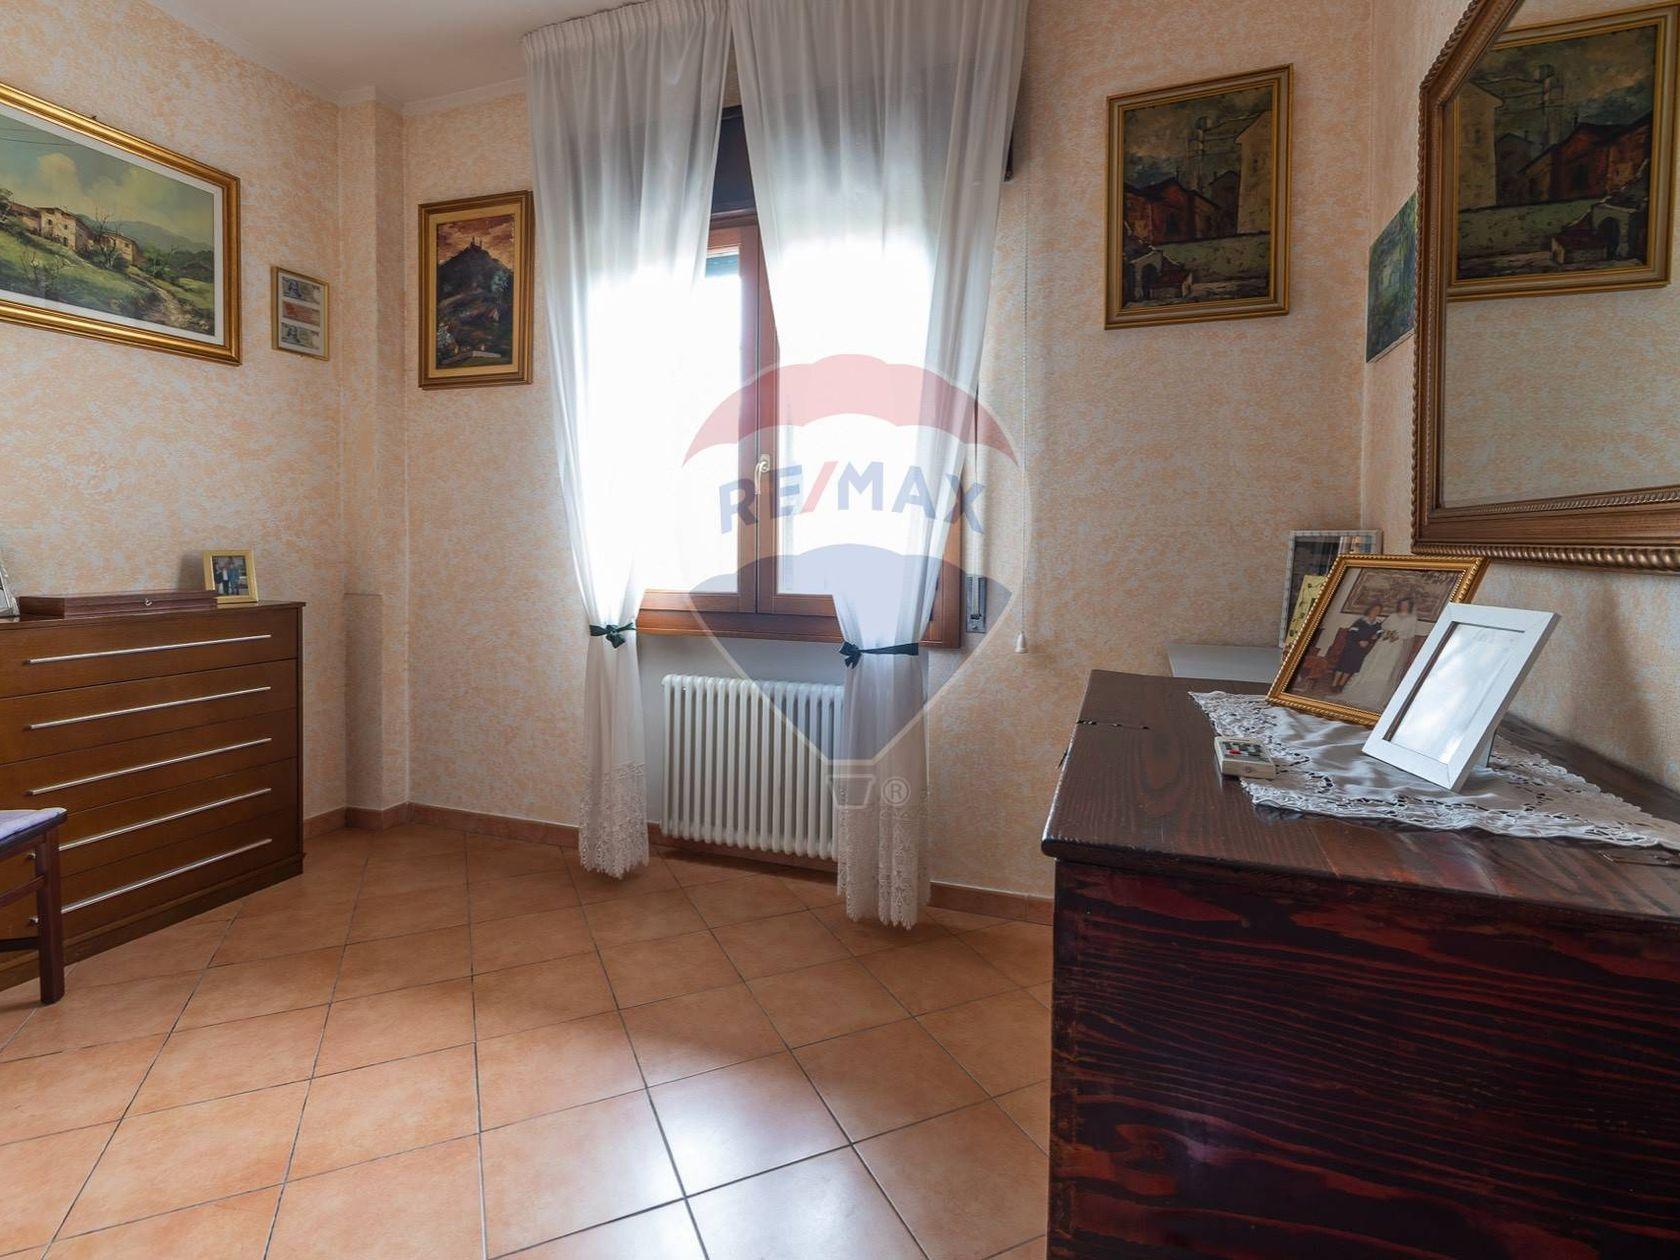 Villa o villino Poggio Gaiana, Castel San Pietro Terme, BO Vendita - Foto 20